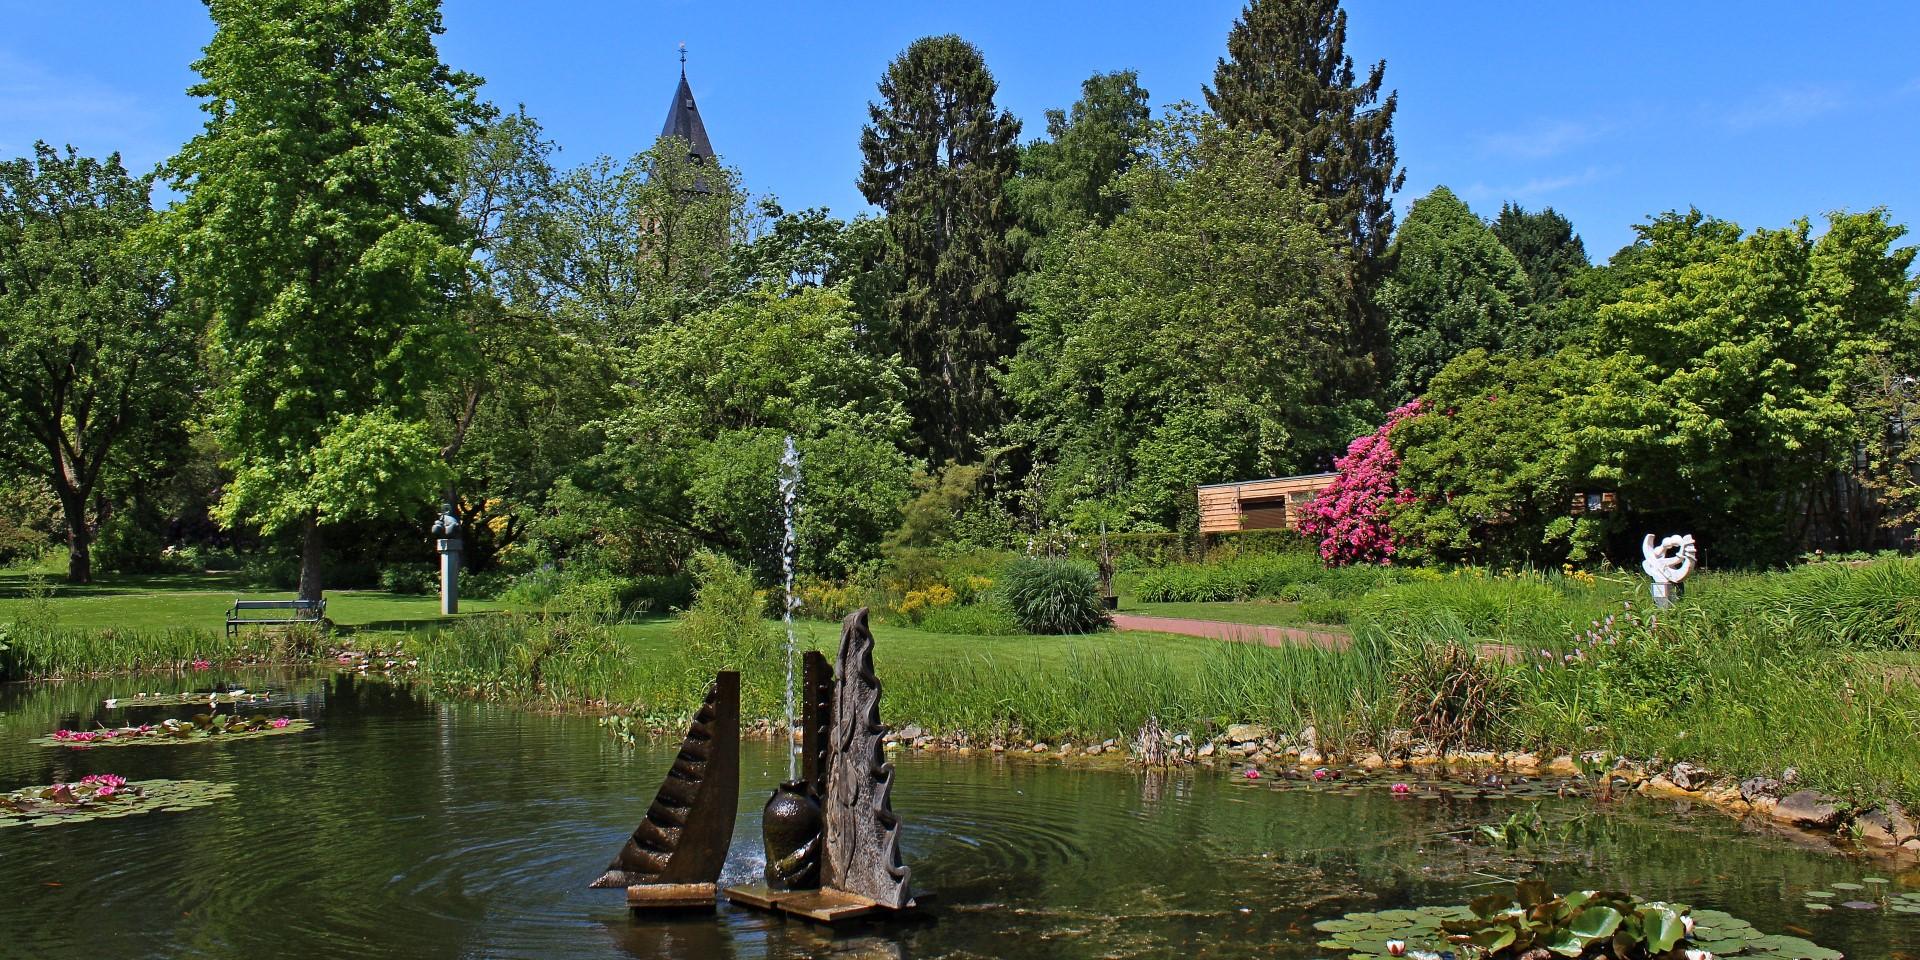 Botanische Tuin Kerkrade : Botanische tuin kerkrade in kerkrade zuid limburg